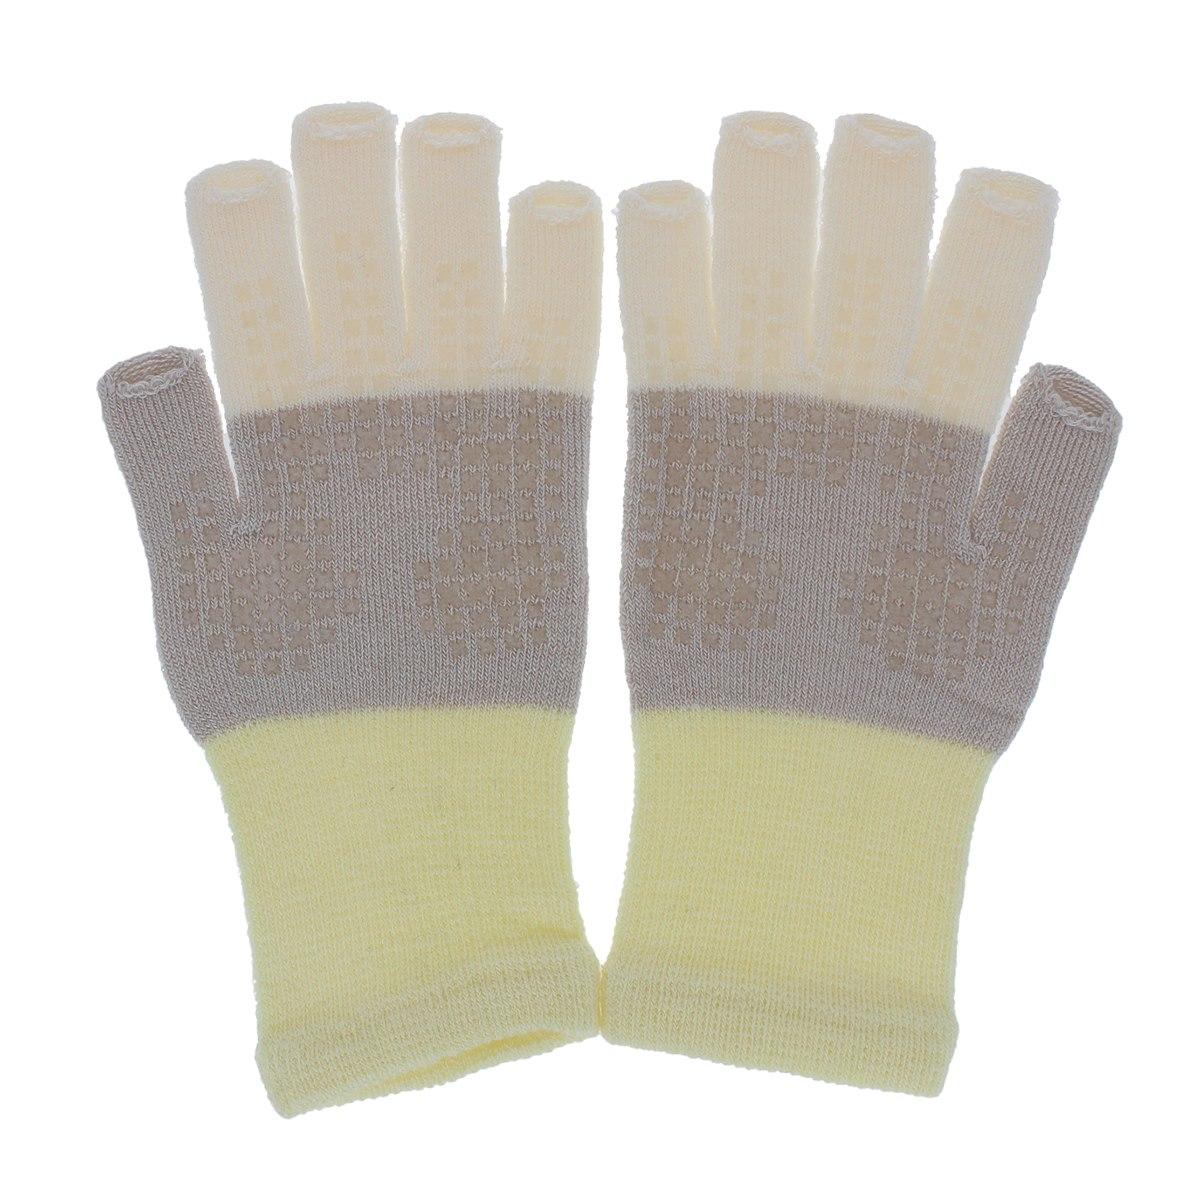 【スマホ対応】YUBIDERU ユビデル ハンドケア手袋 レディース うるおい 保湿 発熱効果 指先が出る おやすみ手袋 ナイトグローブ タッチパネル対応 指紋認証 滑り止め付 日本製